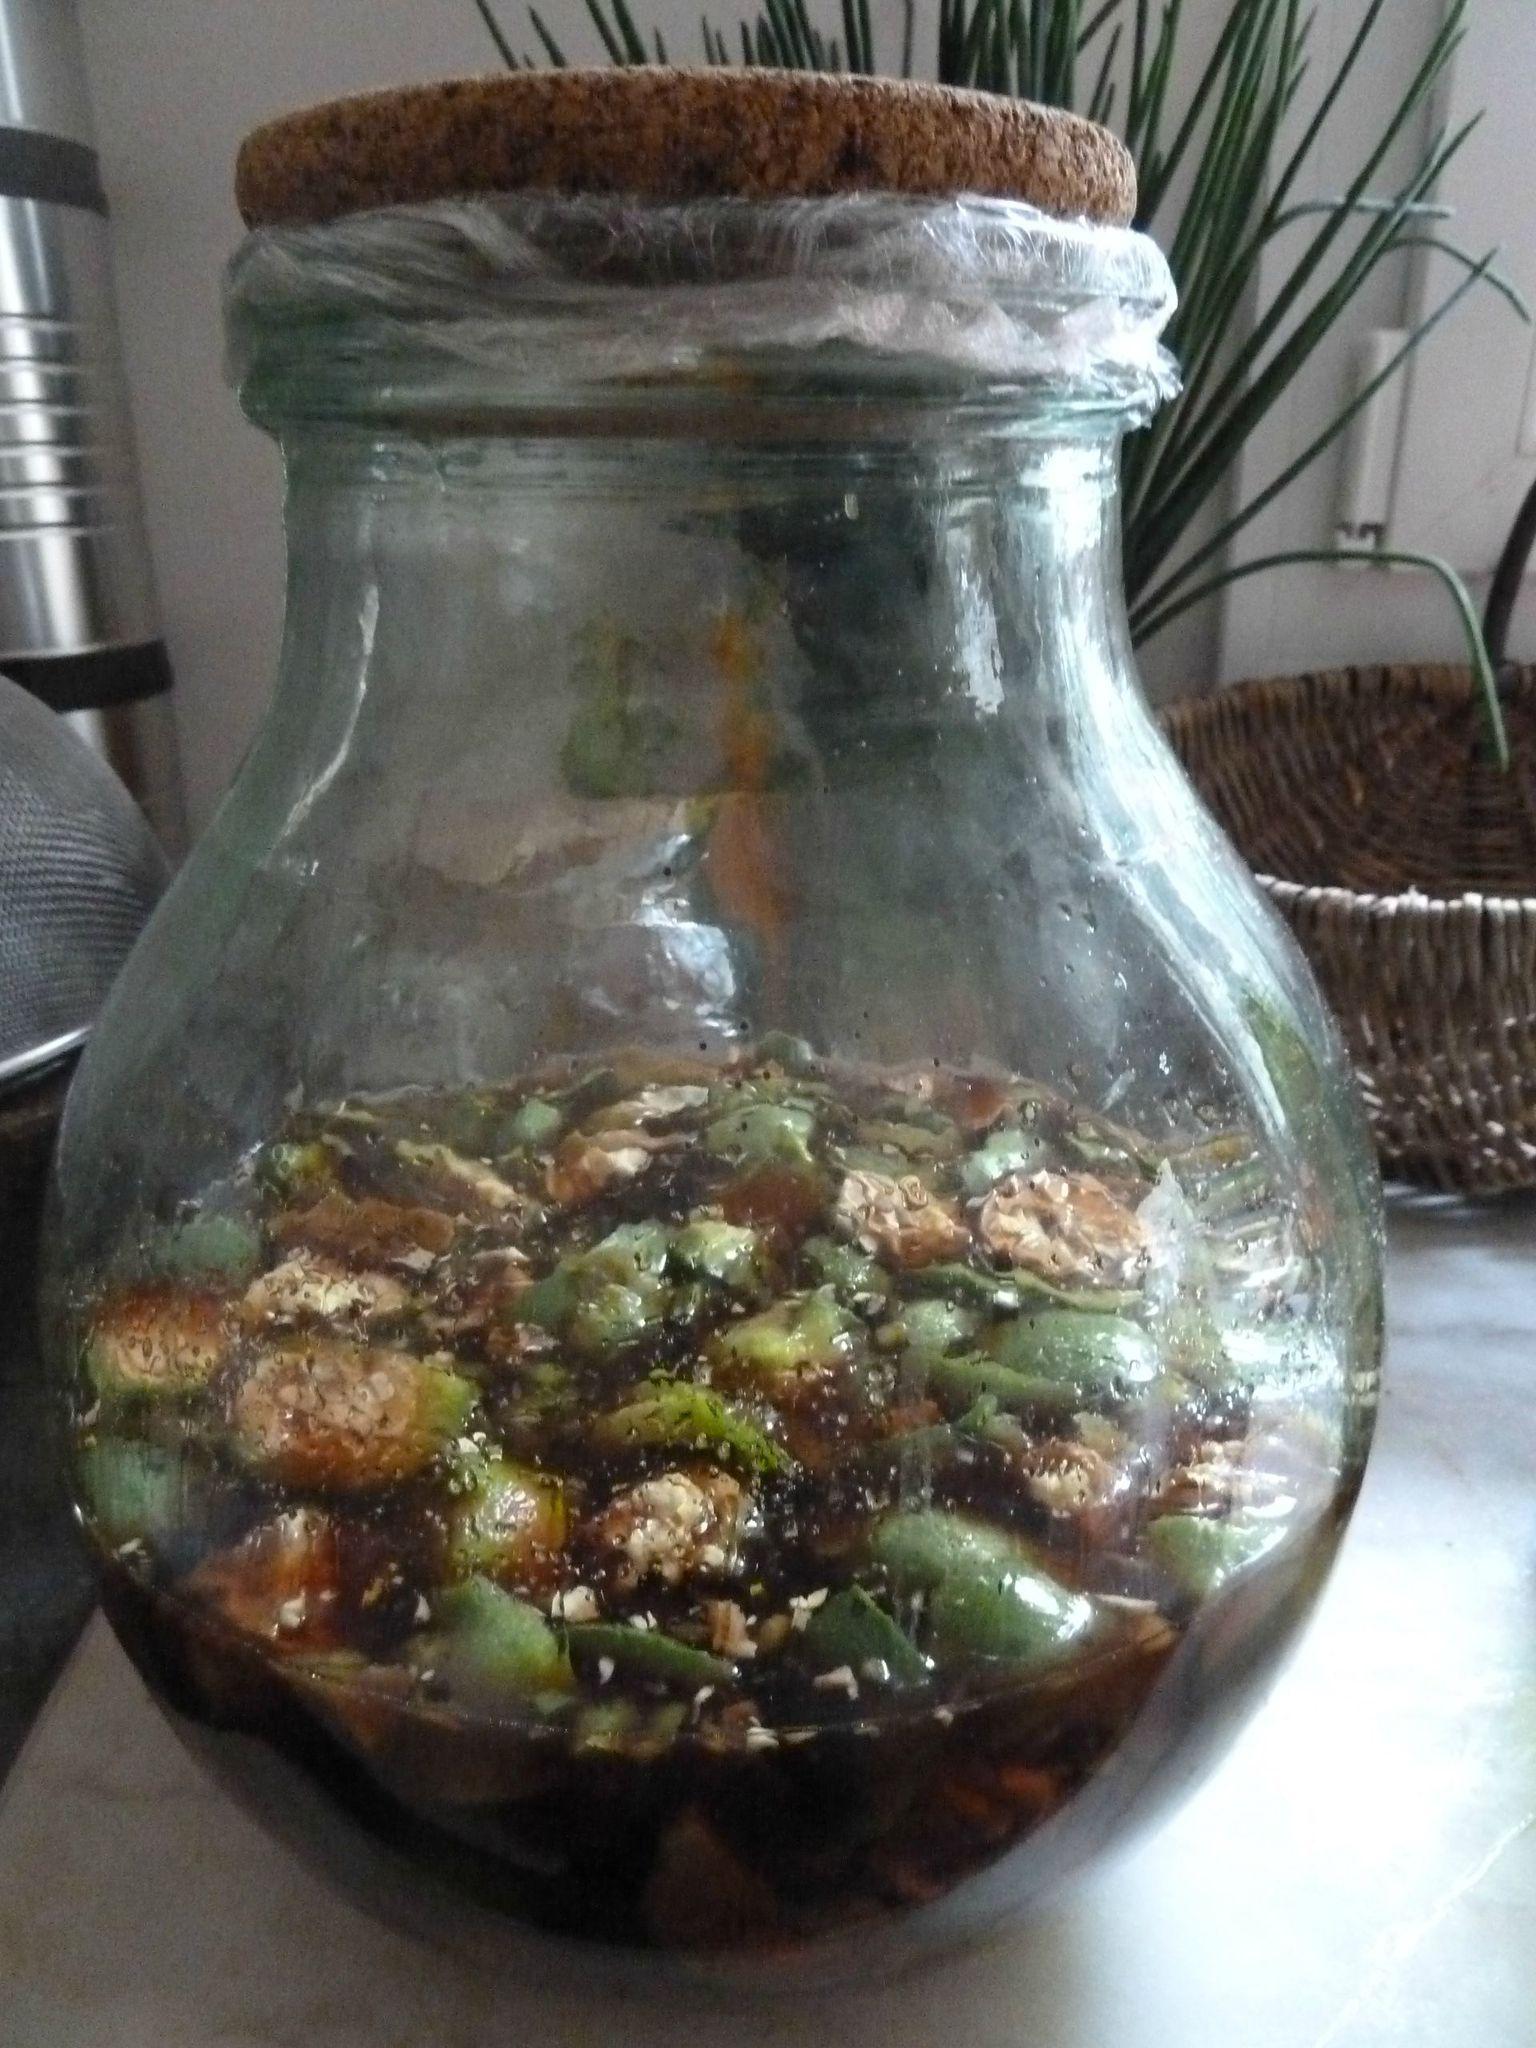 vin de noix - www.passionpotager.canalblog.com